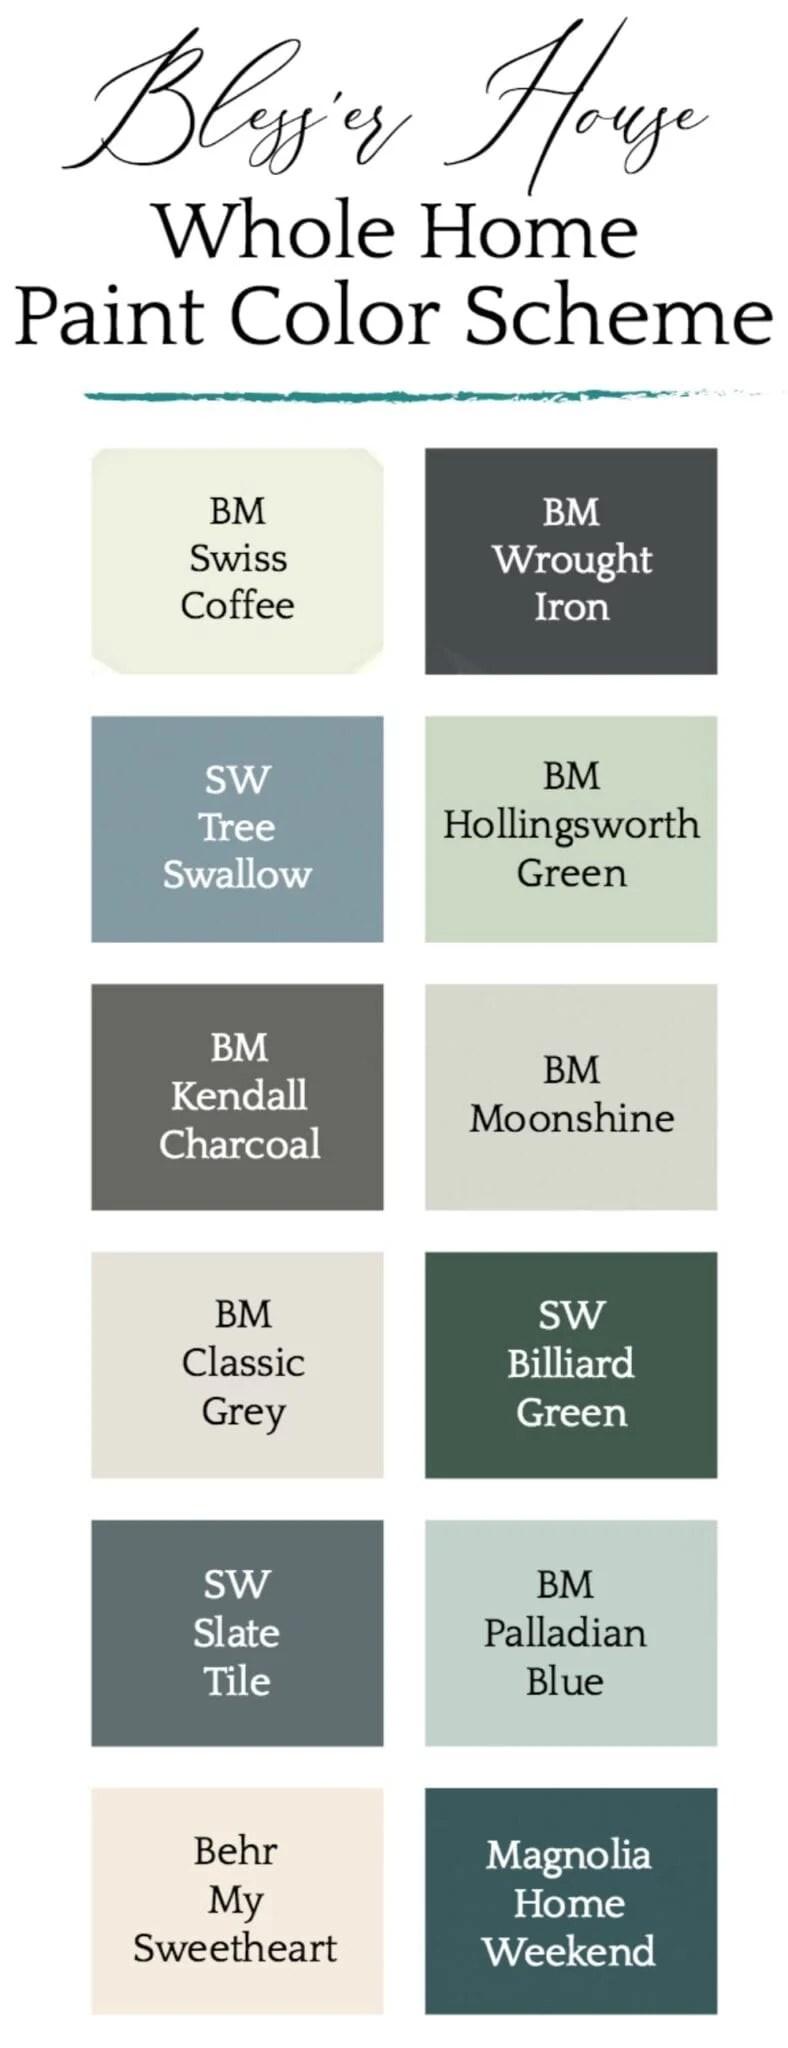 Our Whole House Paint Color Scheme - Bless'er House